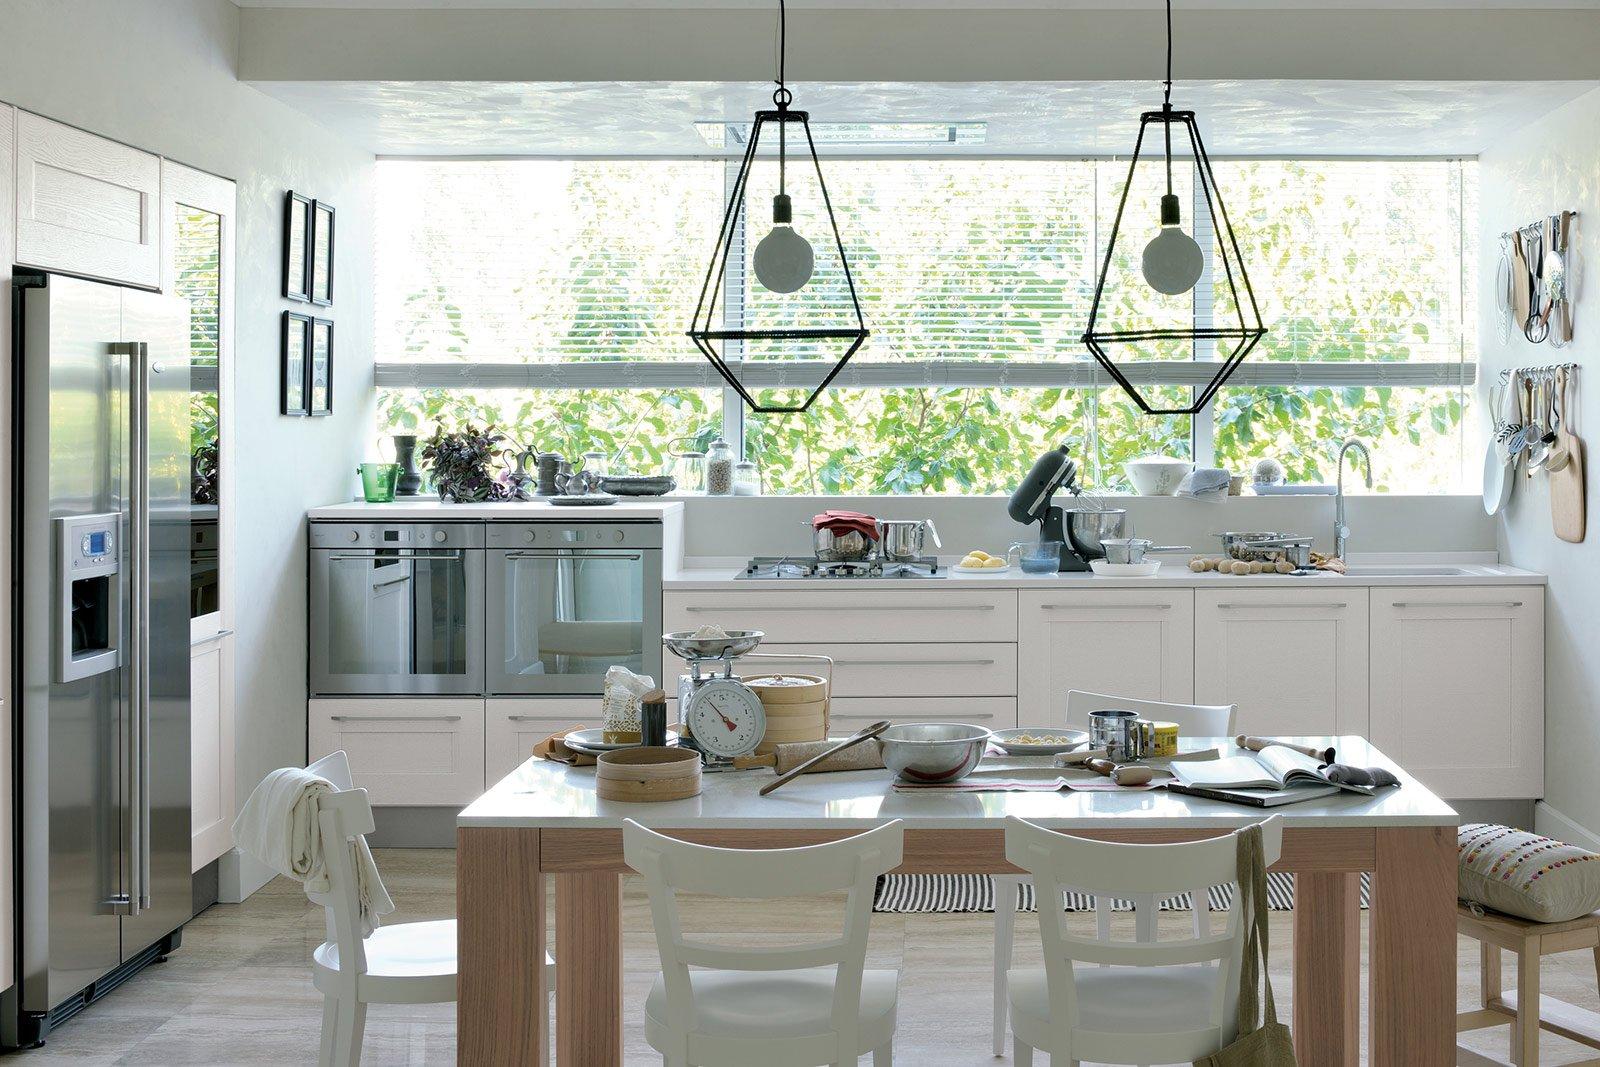 La nuova cucina country new classic cose di casa - Cucine con vetrate ...